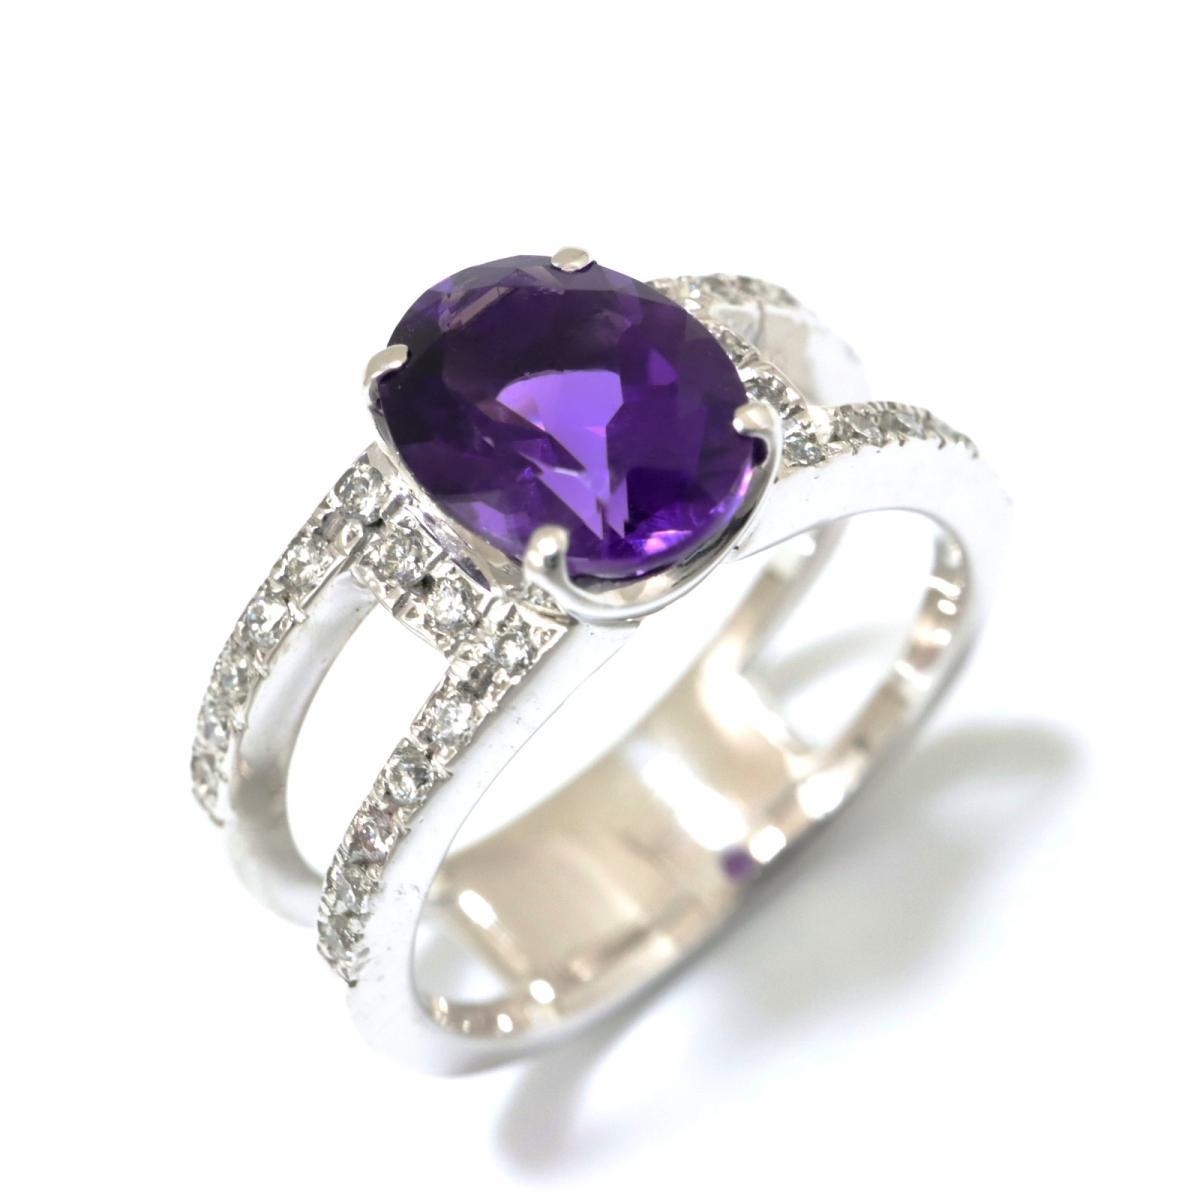 【中古】 ジュエリー アメジスト リング 指輪 レディース K18WG (750) ホワイトゴールド x (1.72ct) ダイヤモンド (0.25ct) パープル クリアー シルバー | JEWELRY BRANDOFF ブランドオフ ブランド アクセサリー